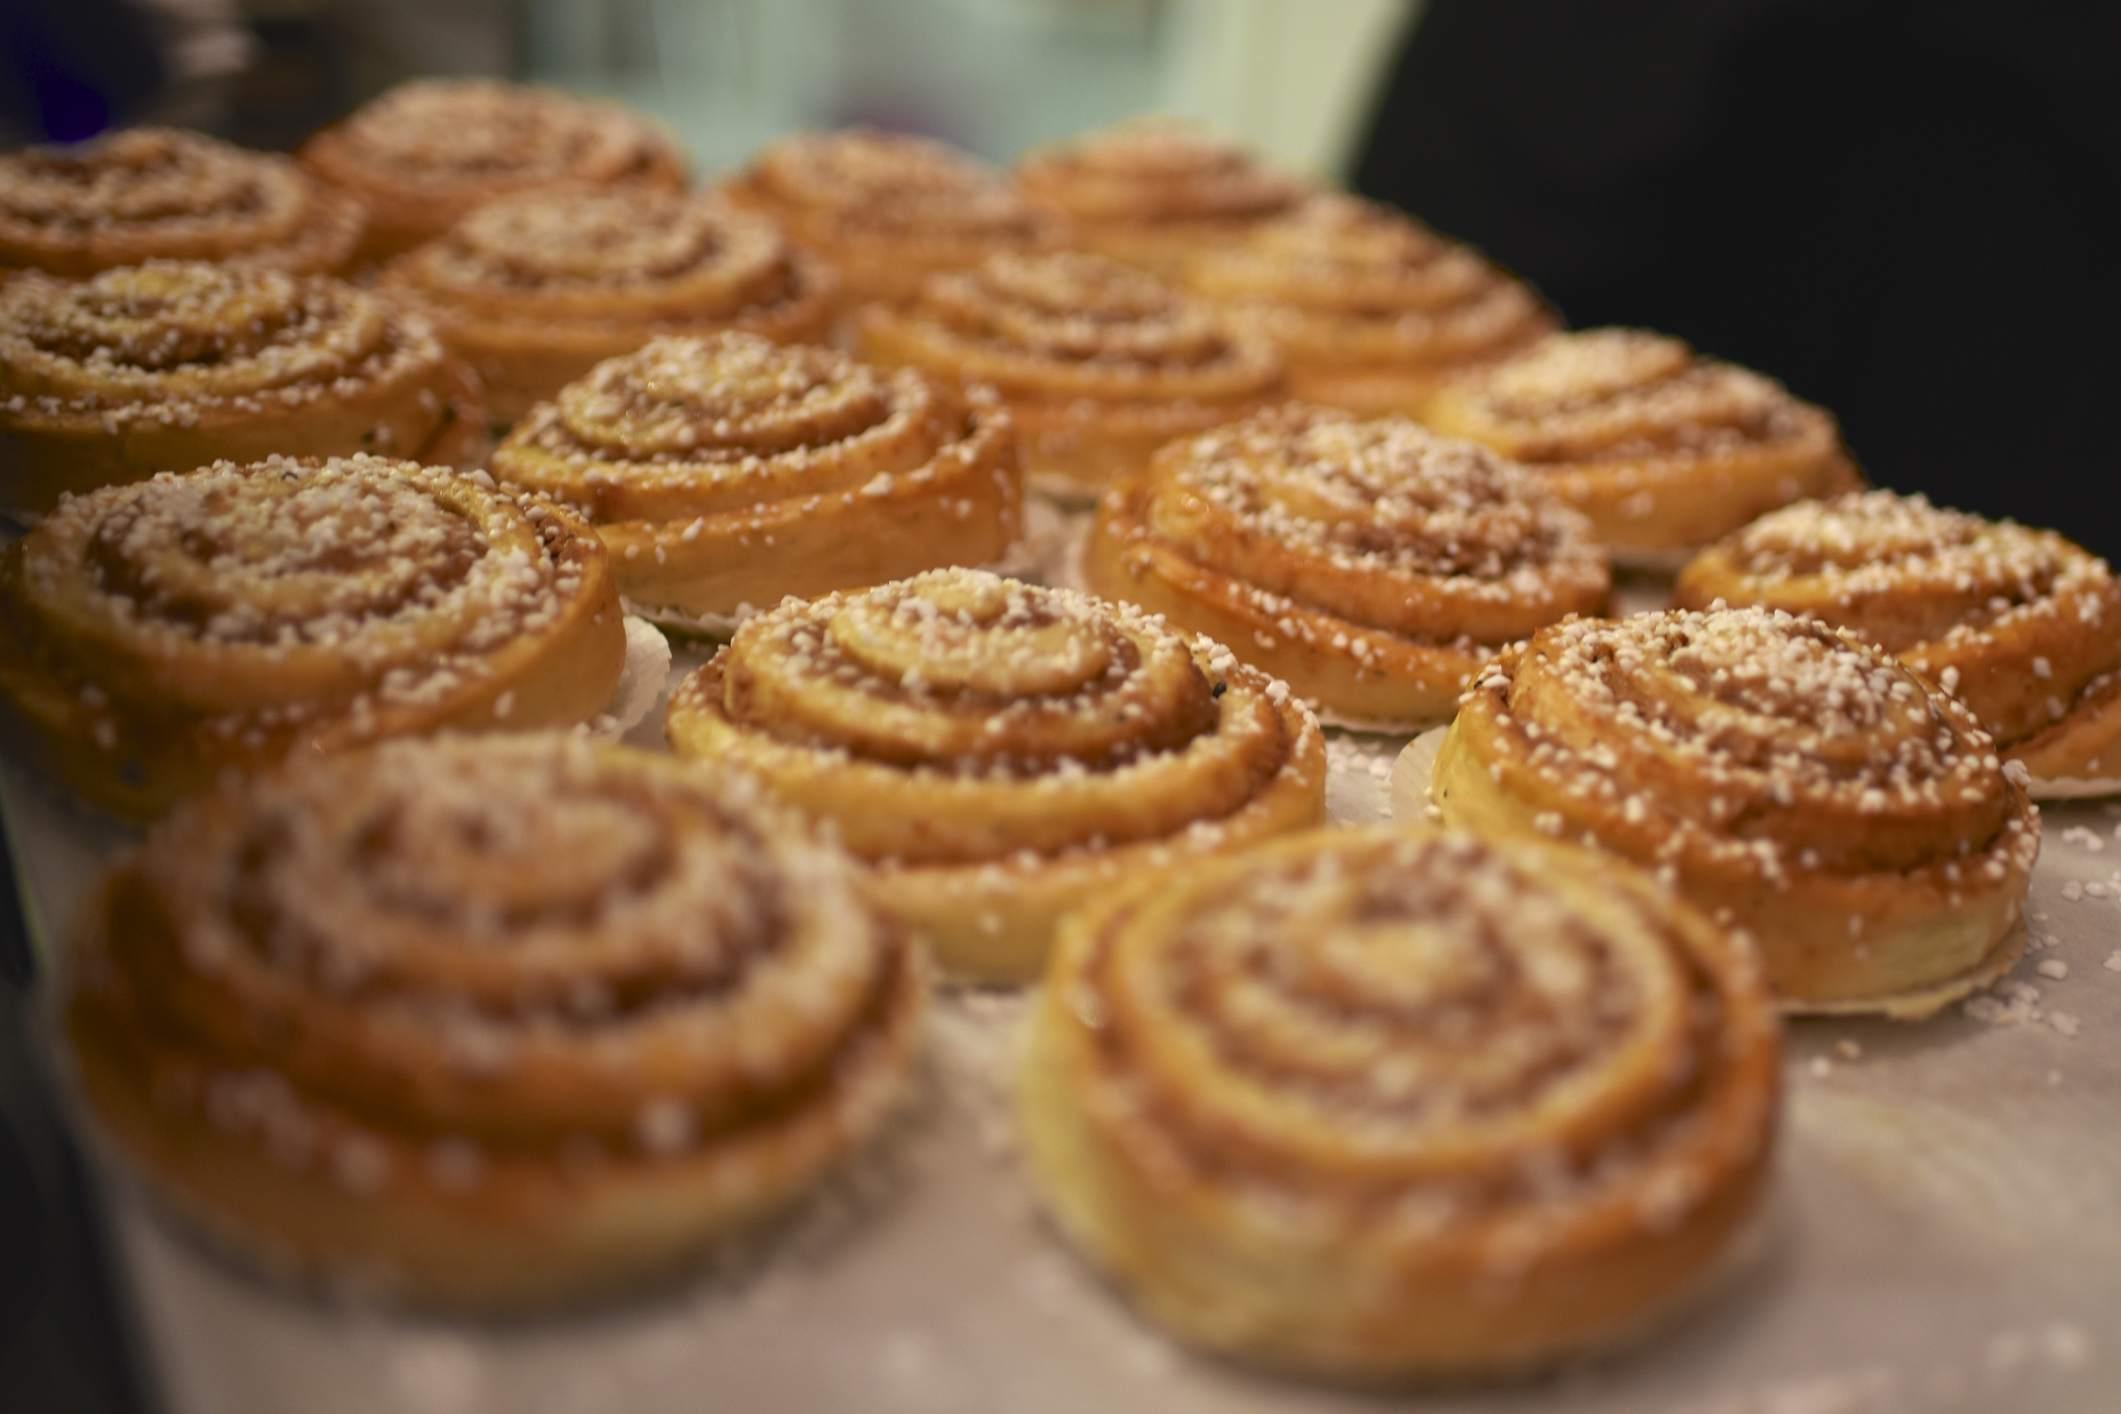 Swedish Cinnamon buns or rolls (Kanelbullar)